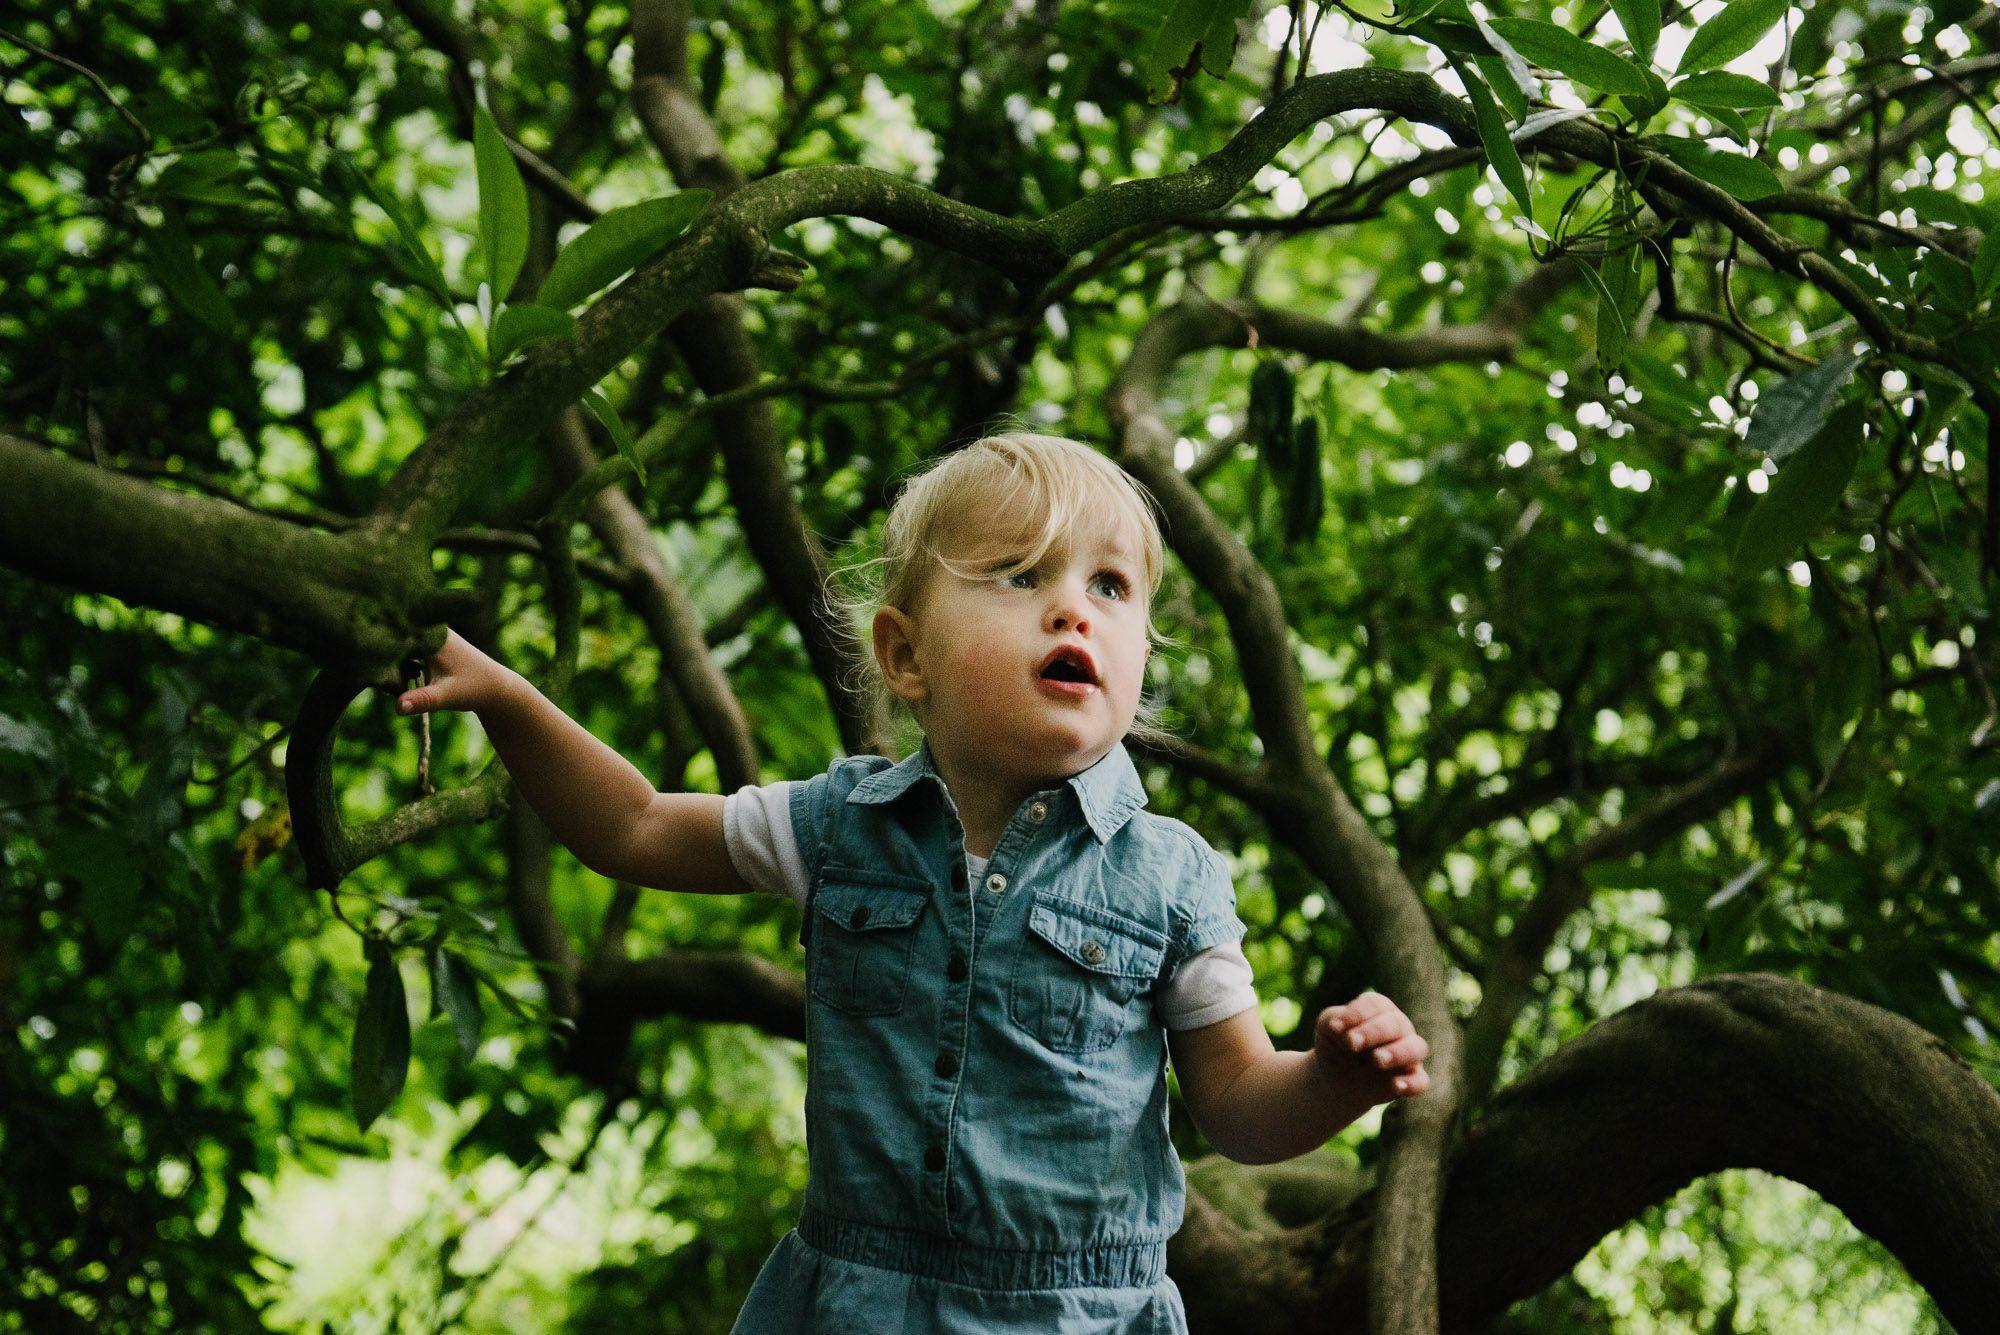 fotograaf kinderen spontaan